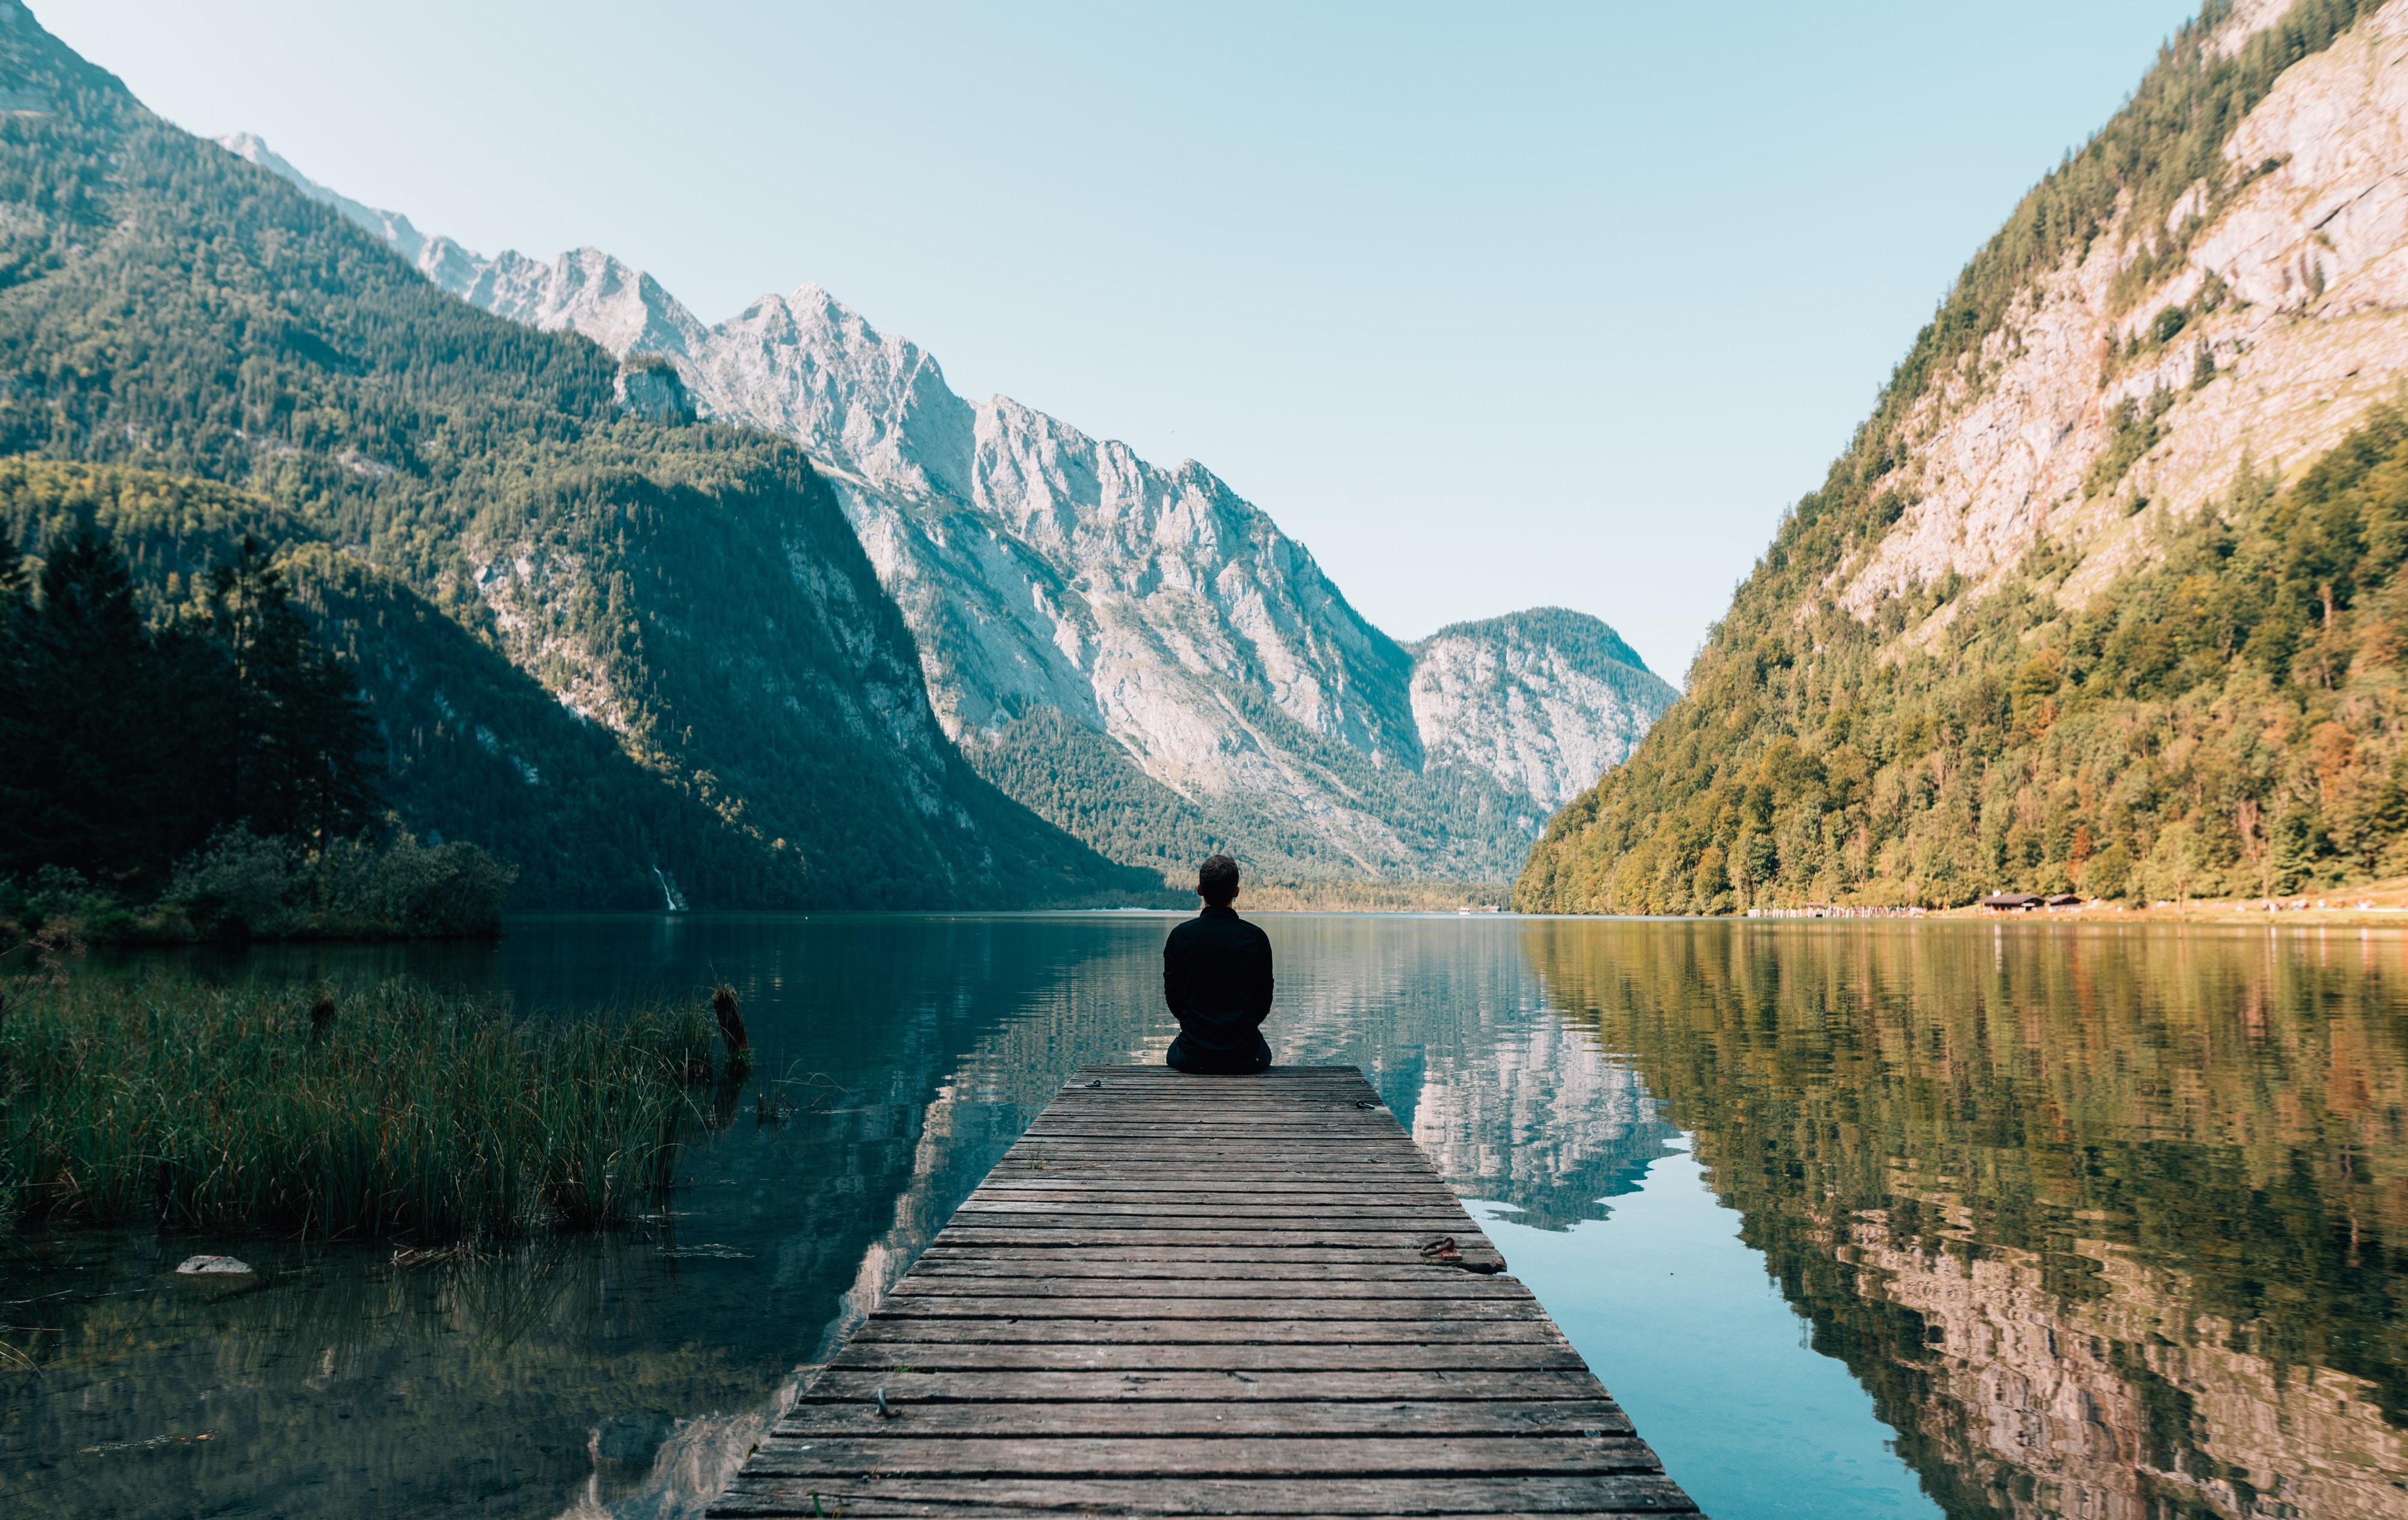 مدیتیشن راهنمایی برای غنی زندگی کردن